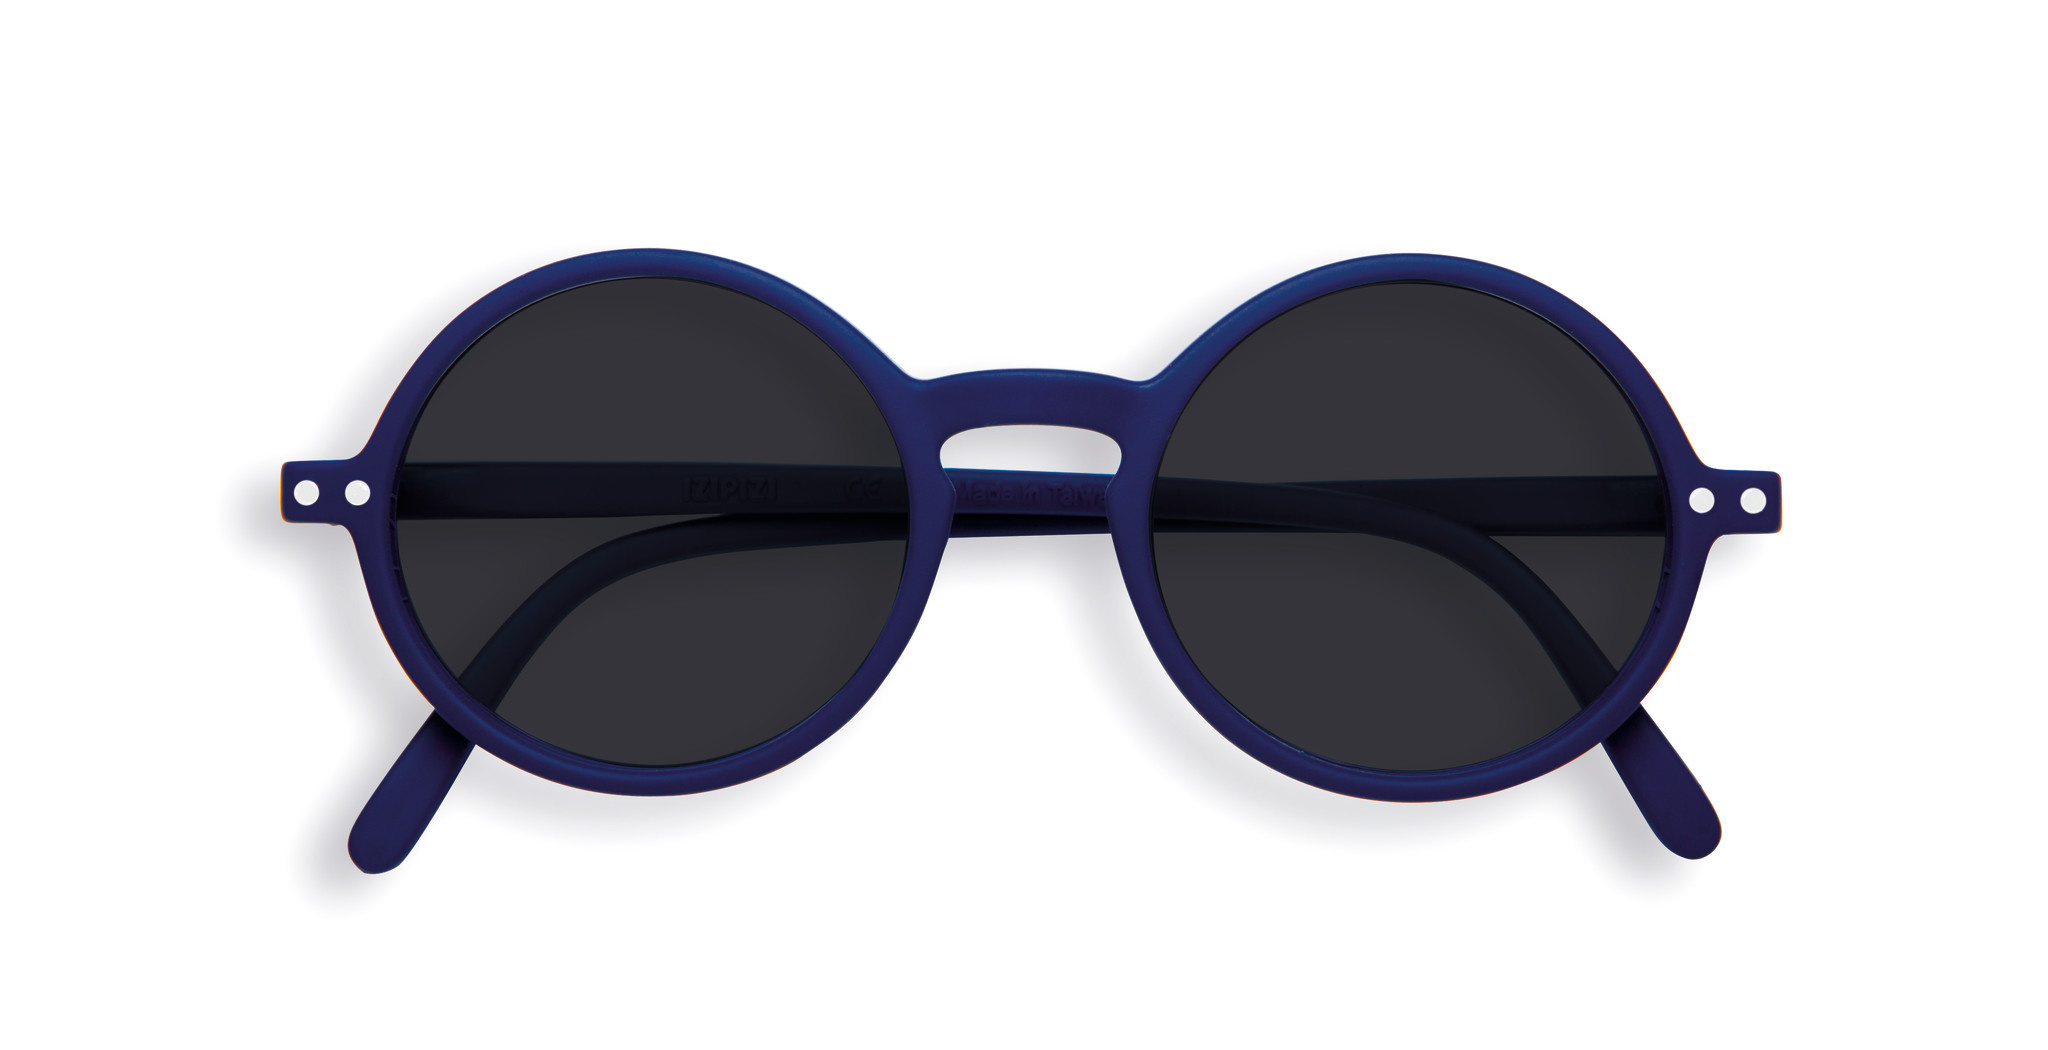 Izipizi Lunettes de Soleil Junior Retro Bleu Marin